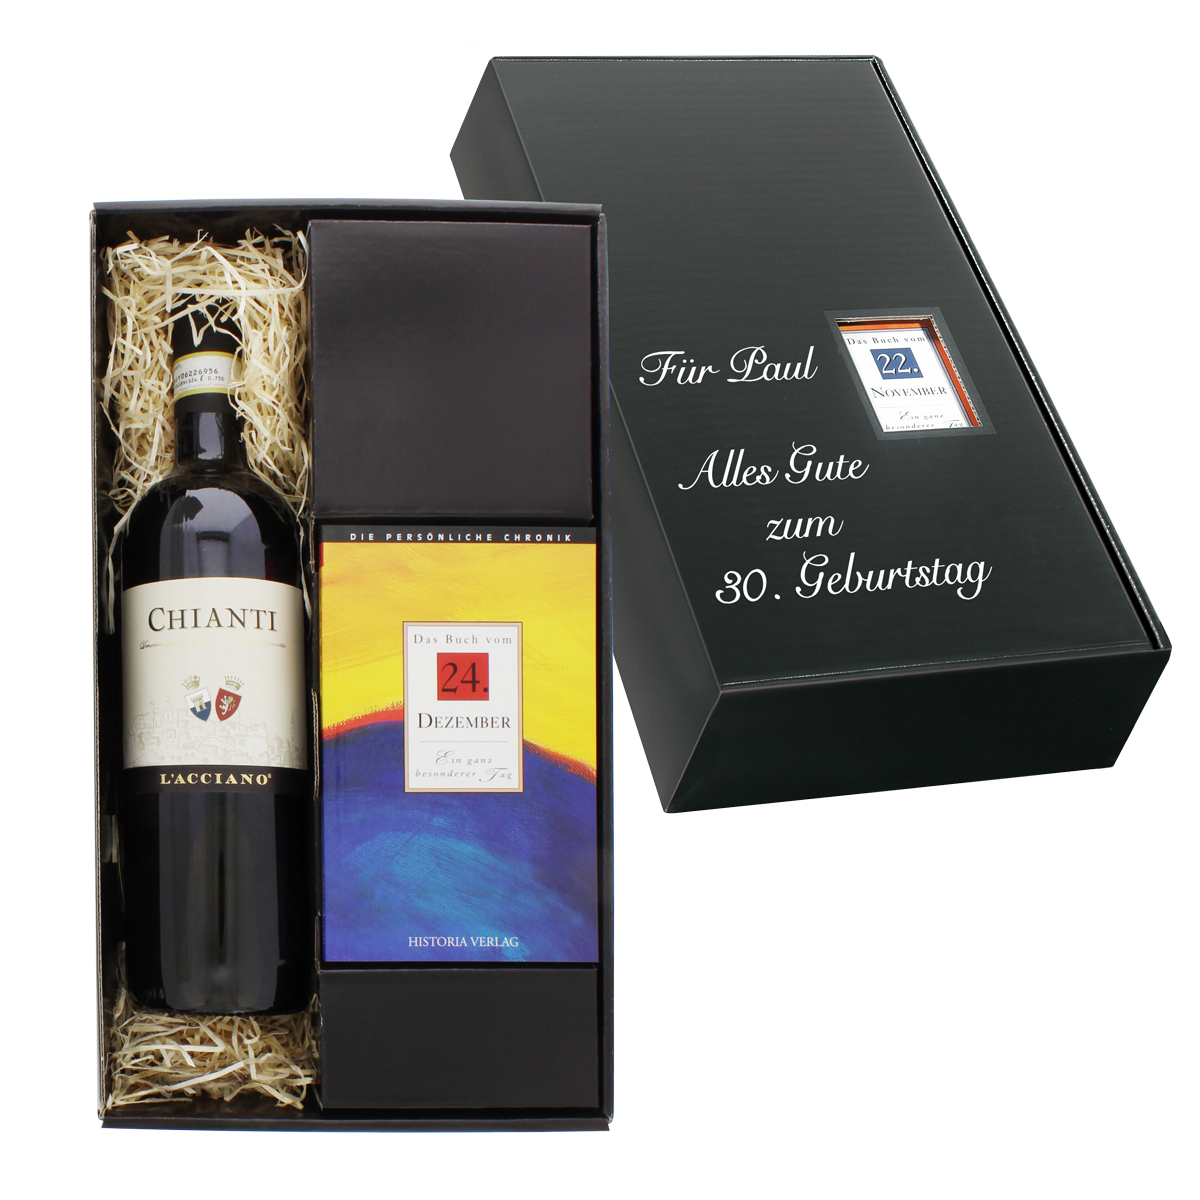 Italien-Set: Tageschronik vom 11. Dezember & Chianti-Wein